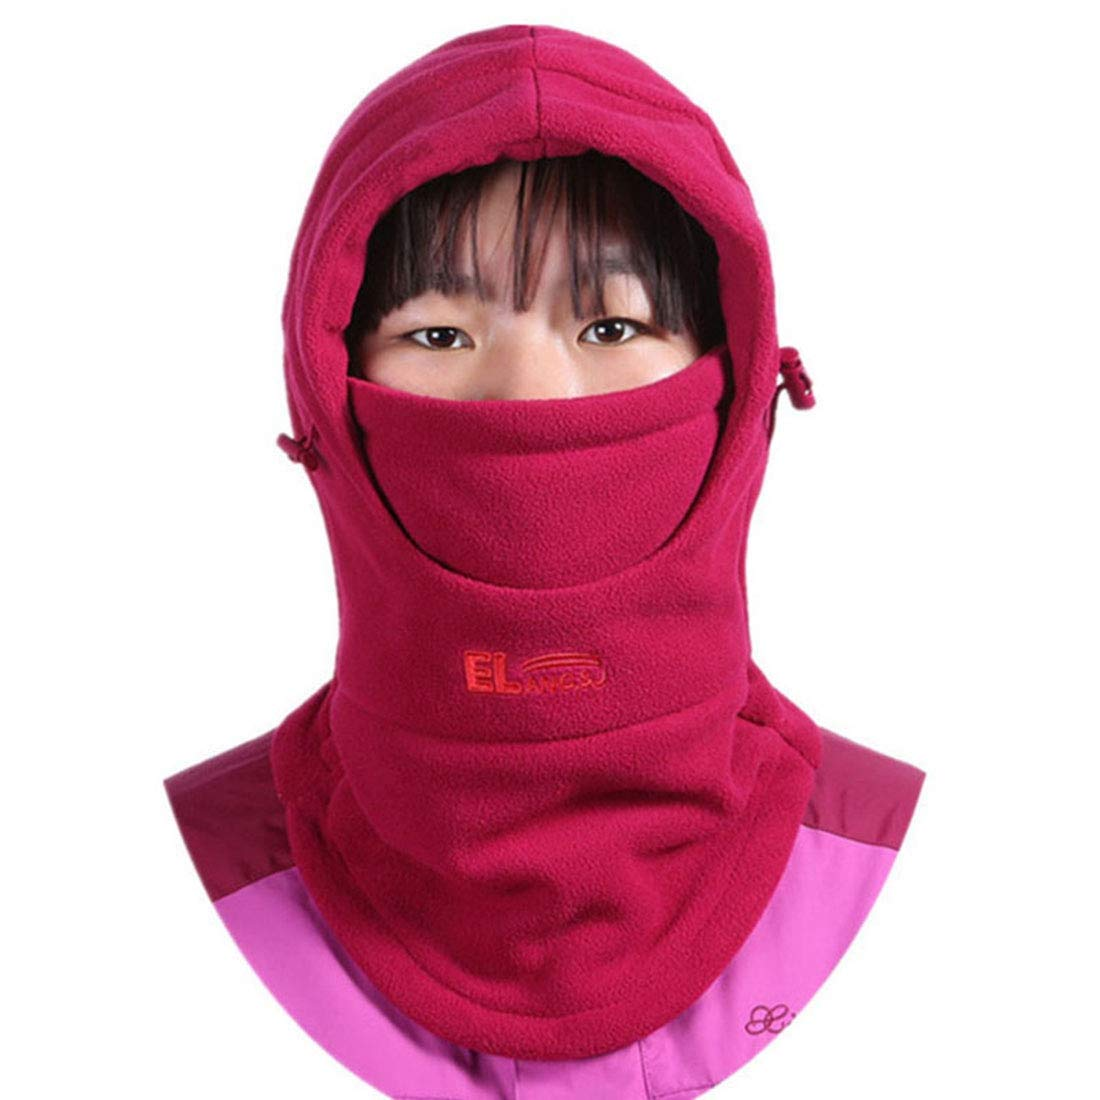 Xianheng Children Face Cover Hat Balaclava Mask Girls Boys Winter Warm #15 XHCCCP0249-8/XHCA